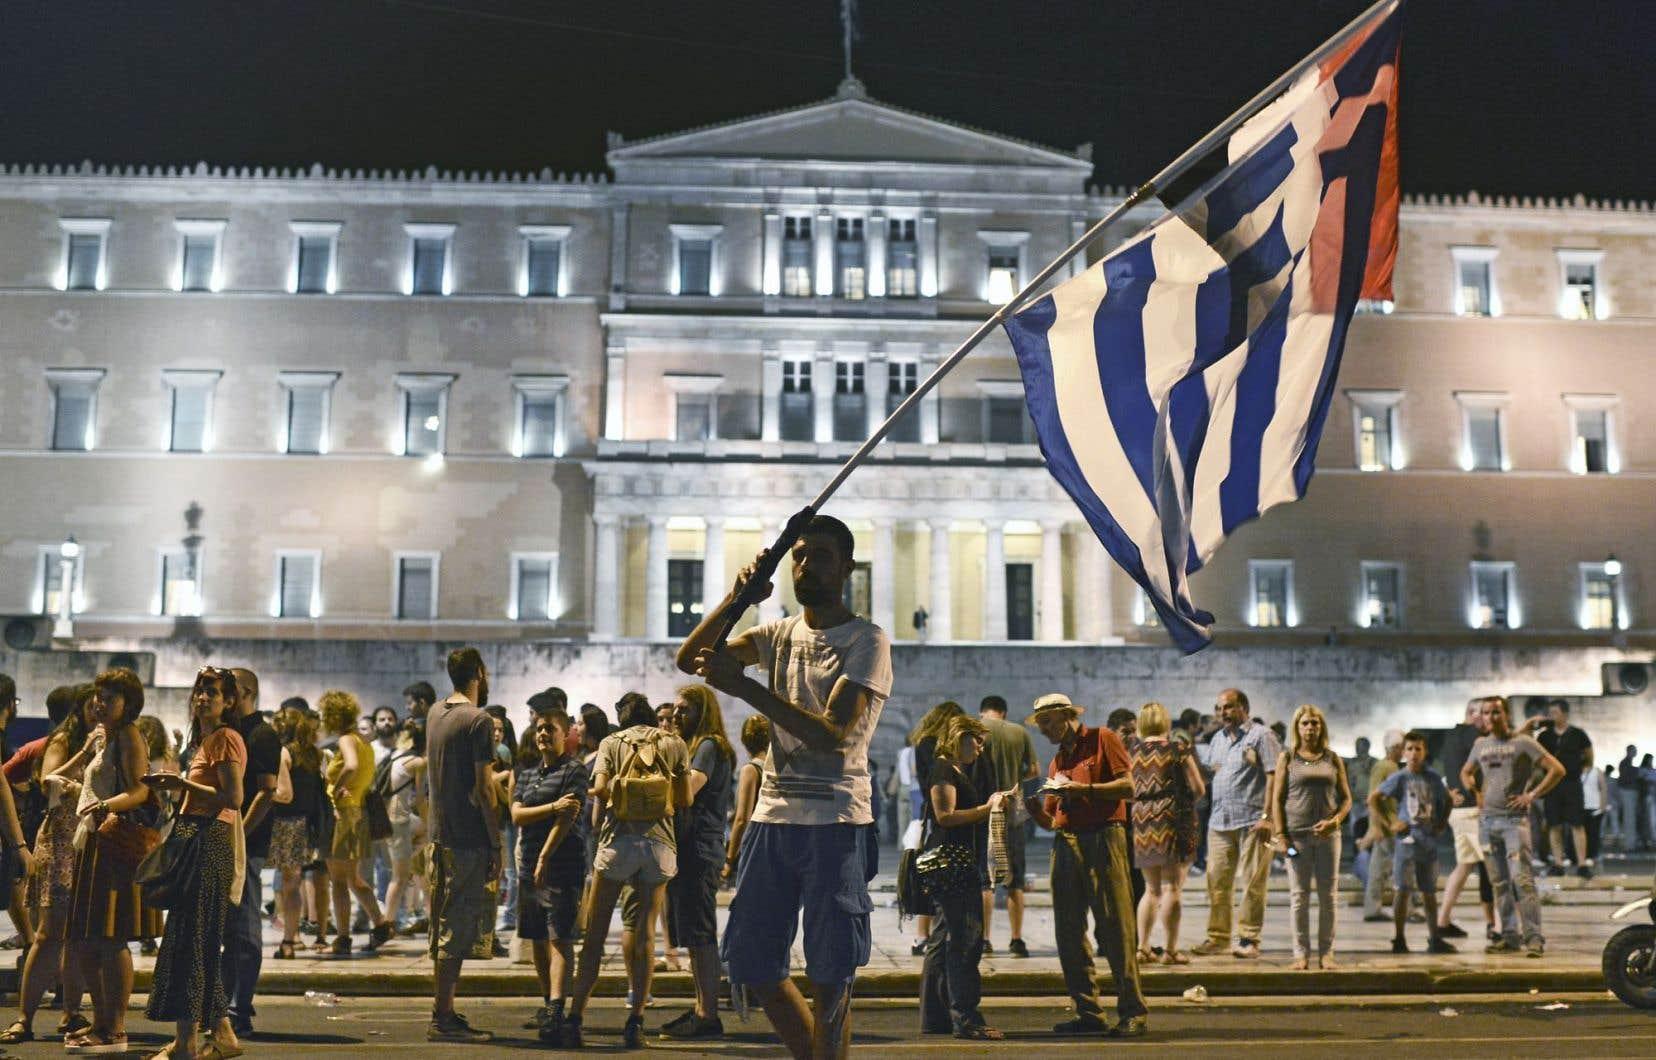 Outre la question de la dette qui provoque le mécontentement, Alexis Tsipras a promis de procéder à de grandes réformes en Grèce.